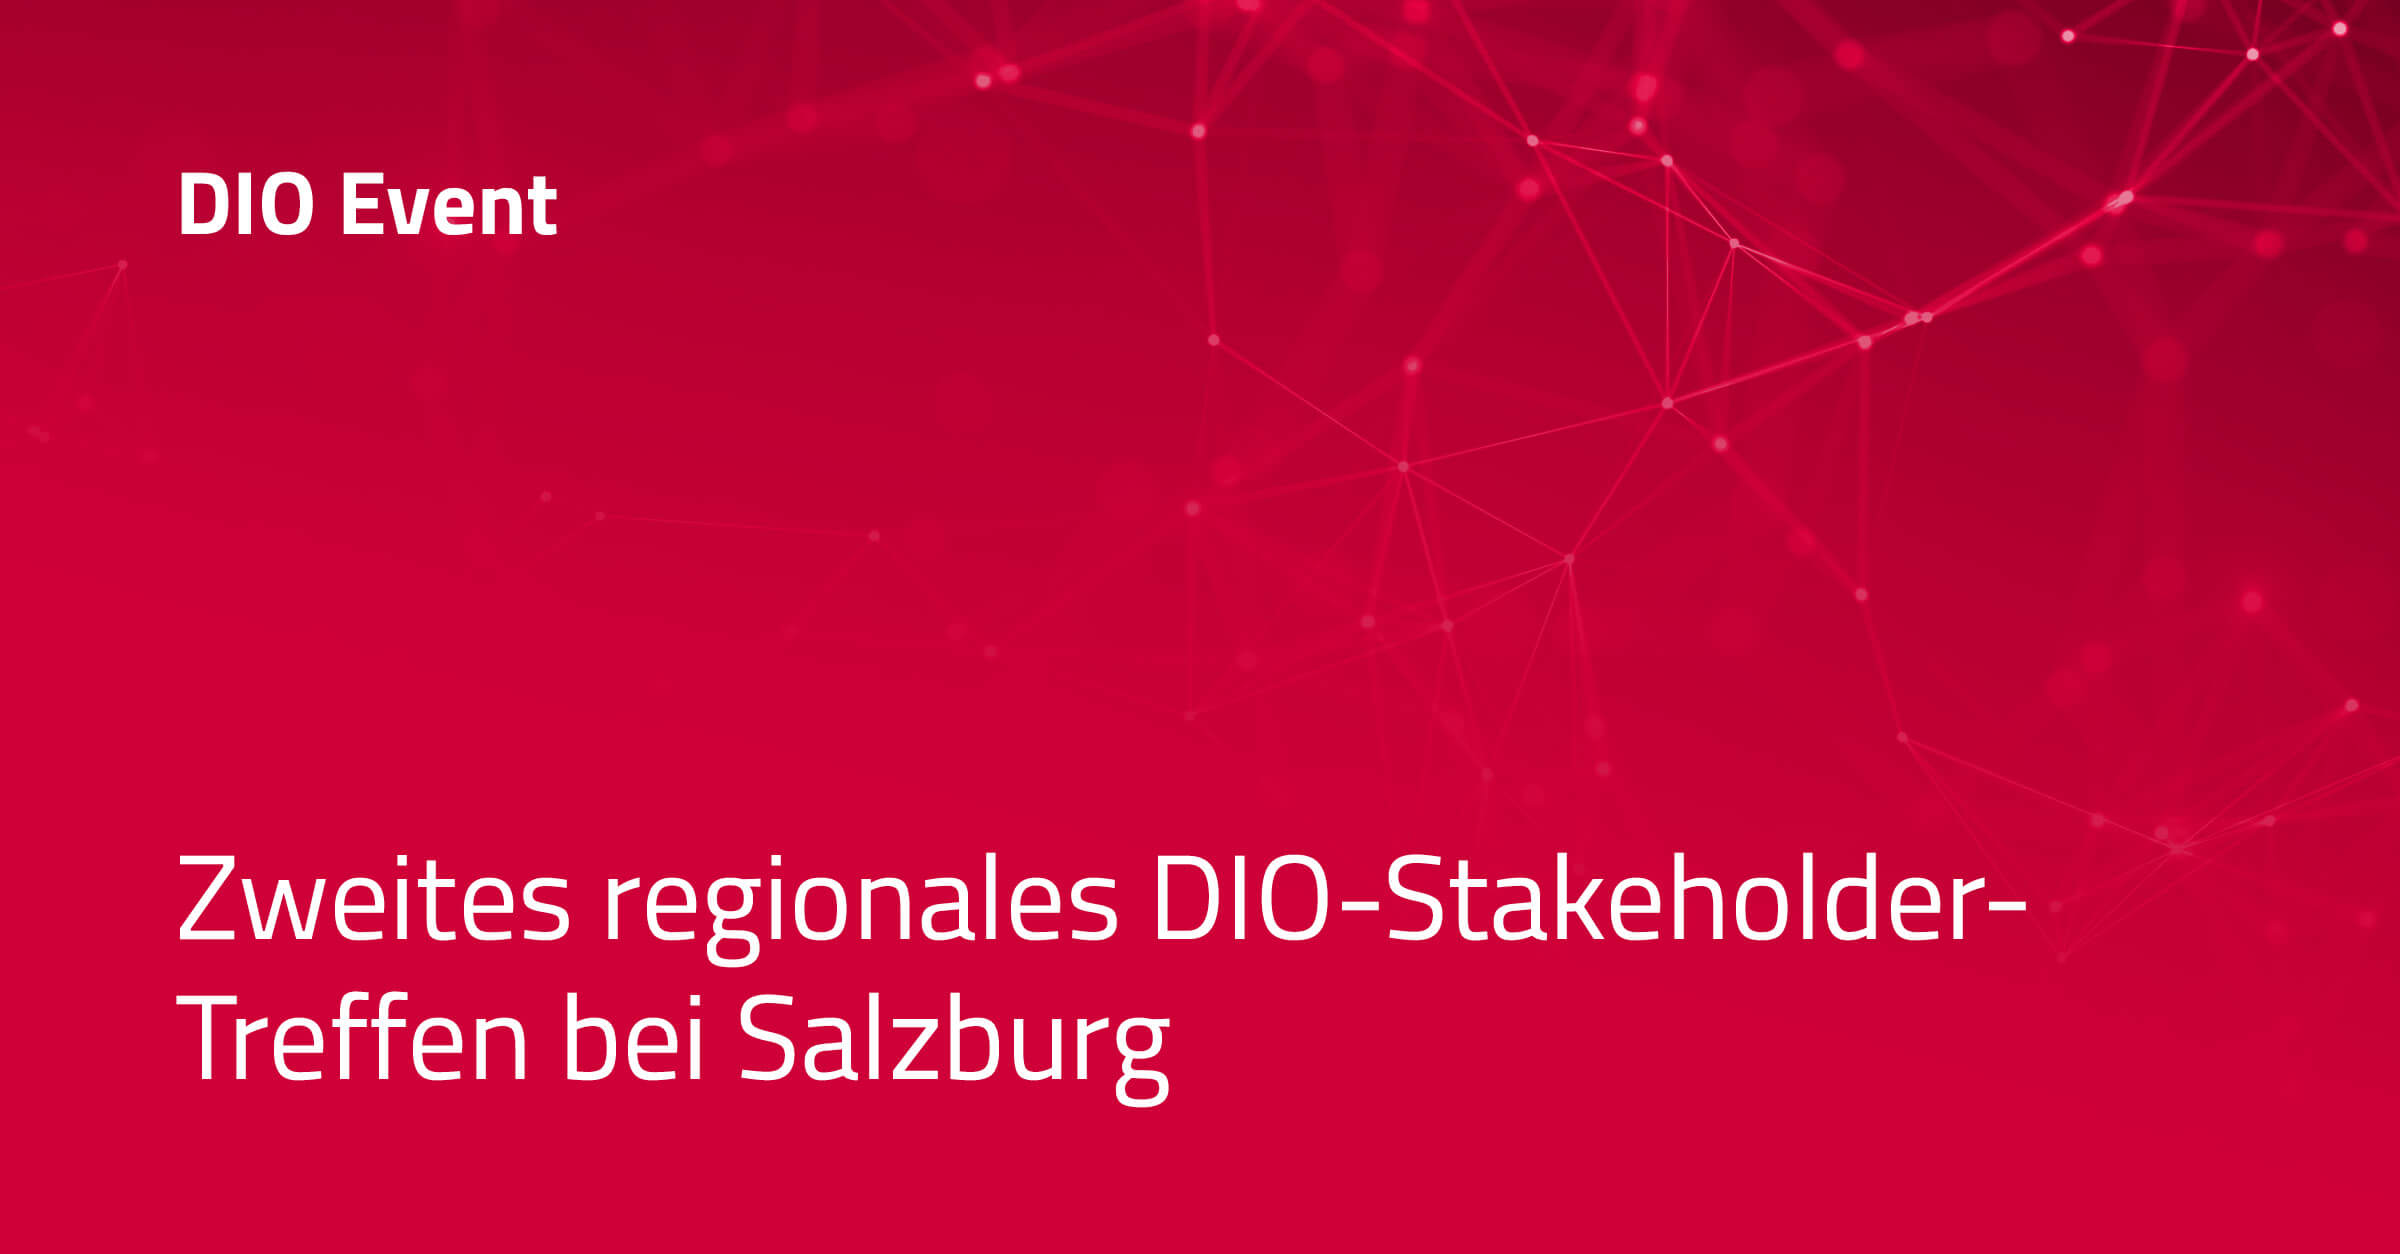 DIO_Event_2-regStakeholdertreffen